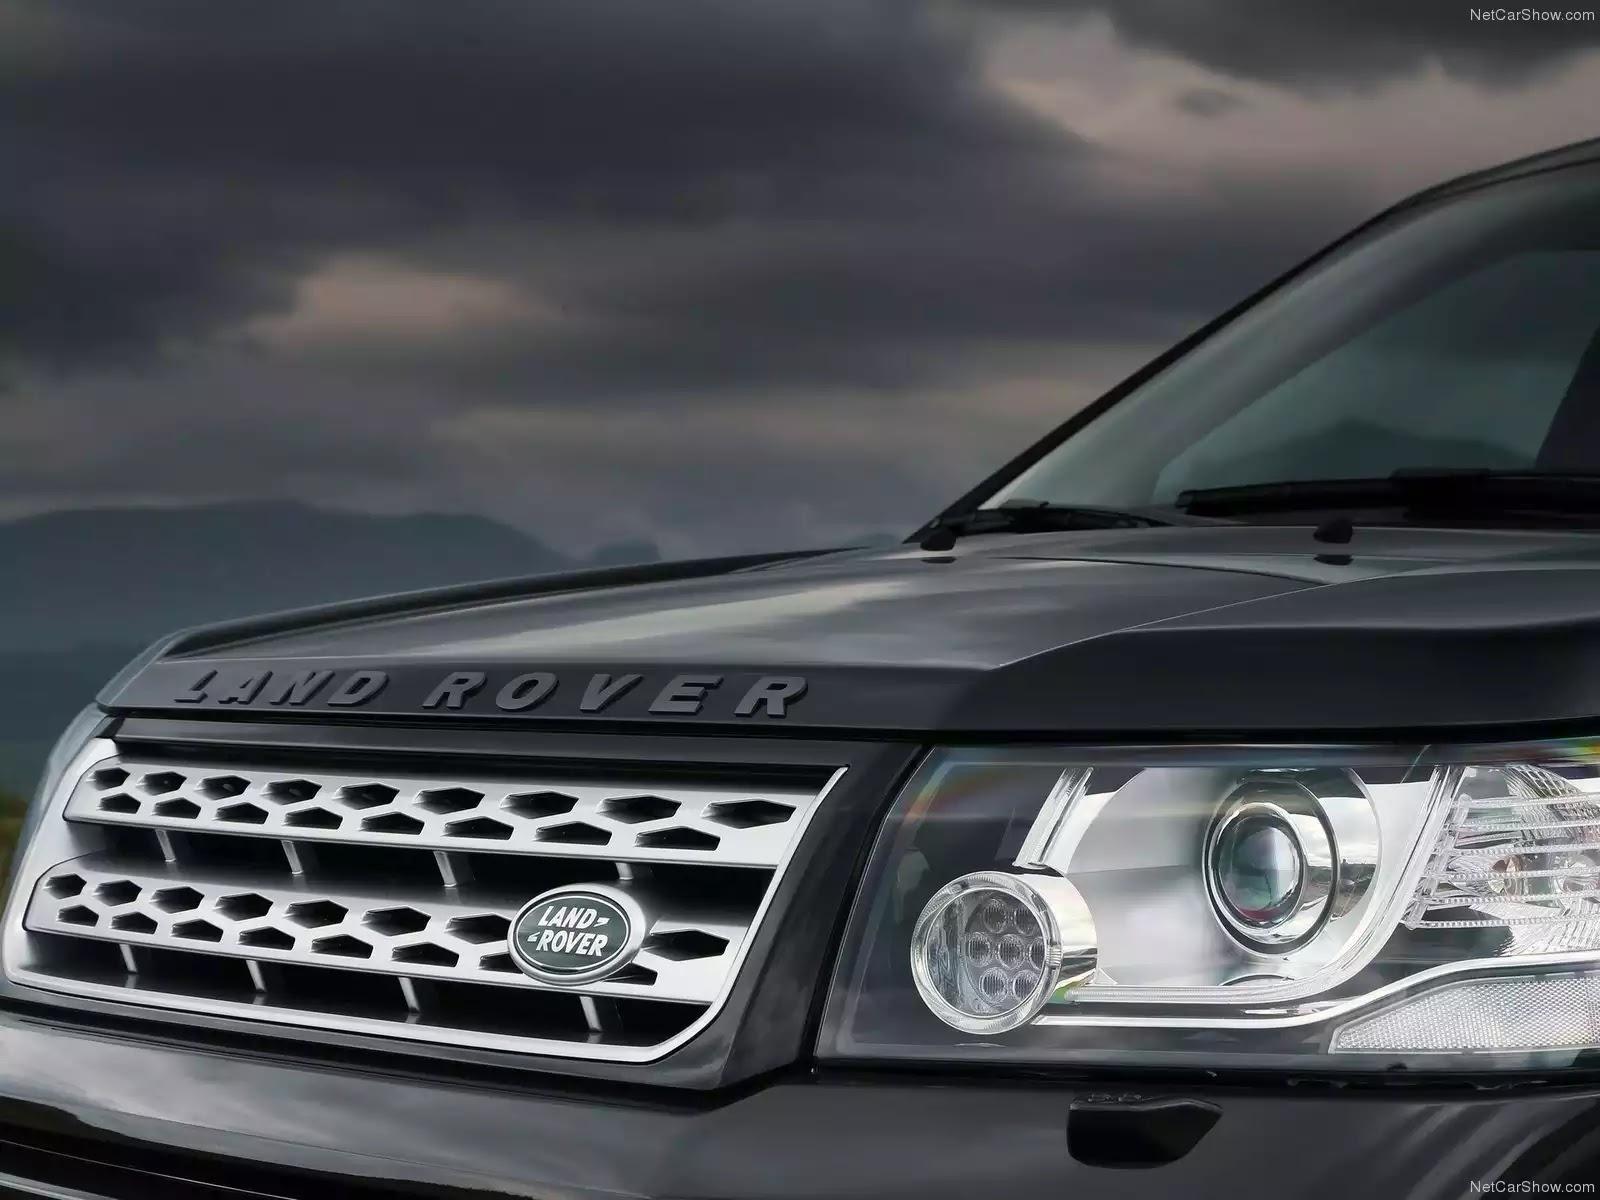 Hình ảnh xe ô tô Land Rover Freelander 2 2013 & nội ngoại thất